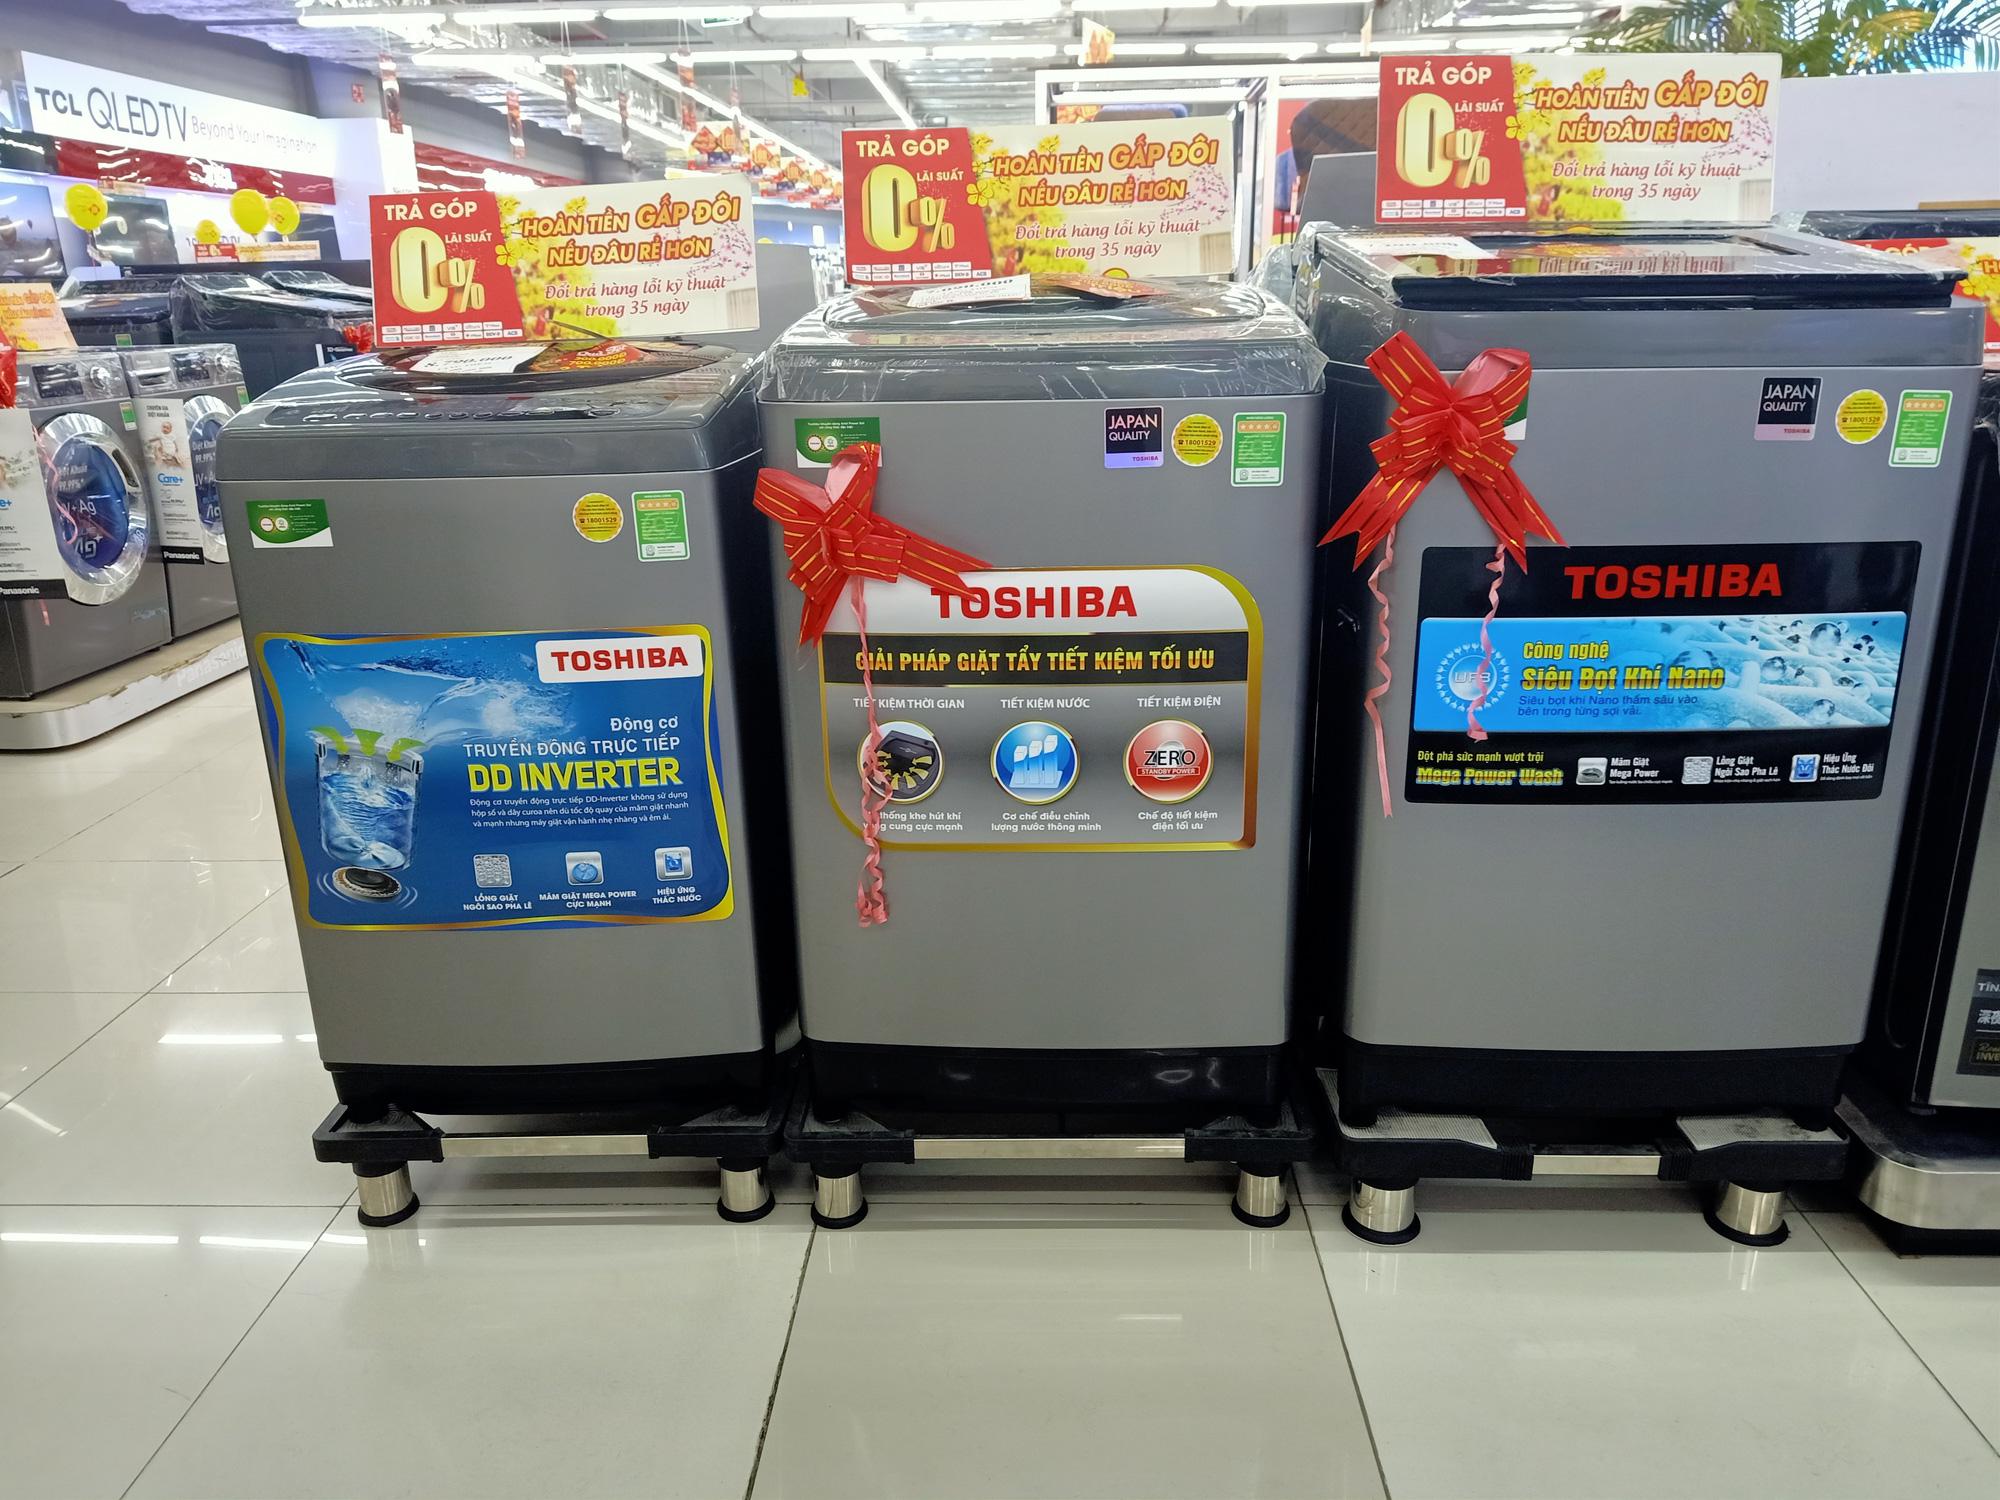 Điện lạnh giảm giá: Tủ lạnh có nhiều chương trình khuyến mãi khi nhu cầu dự trữ thức ăn tăng lên - Ảnh 4.